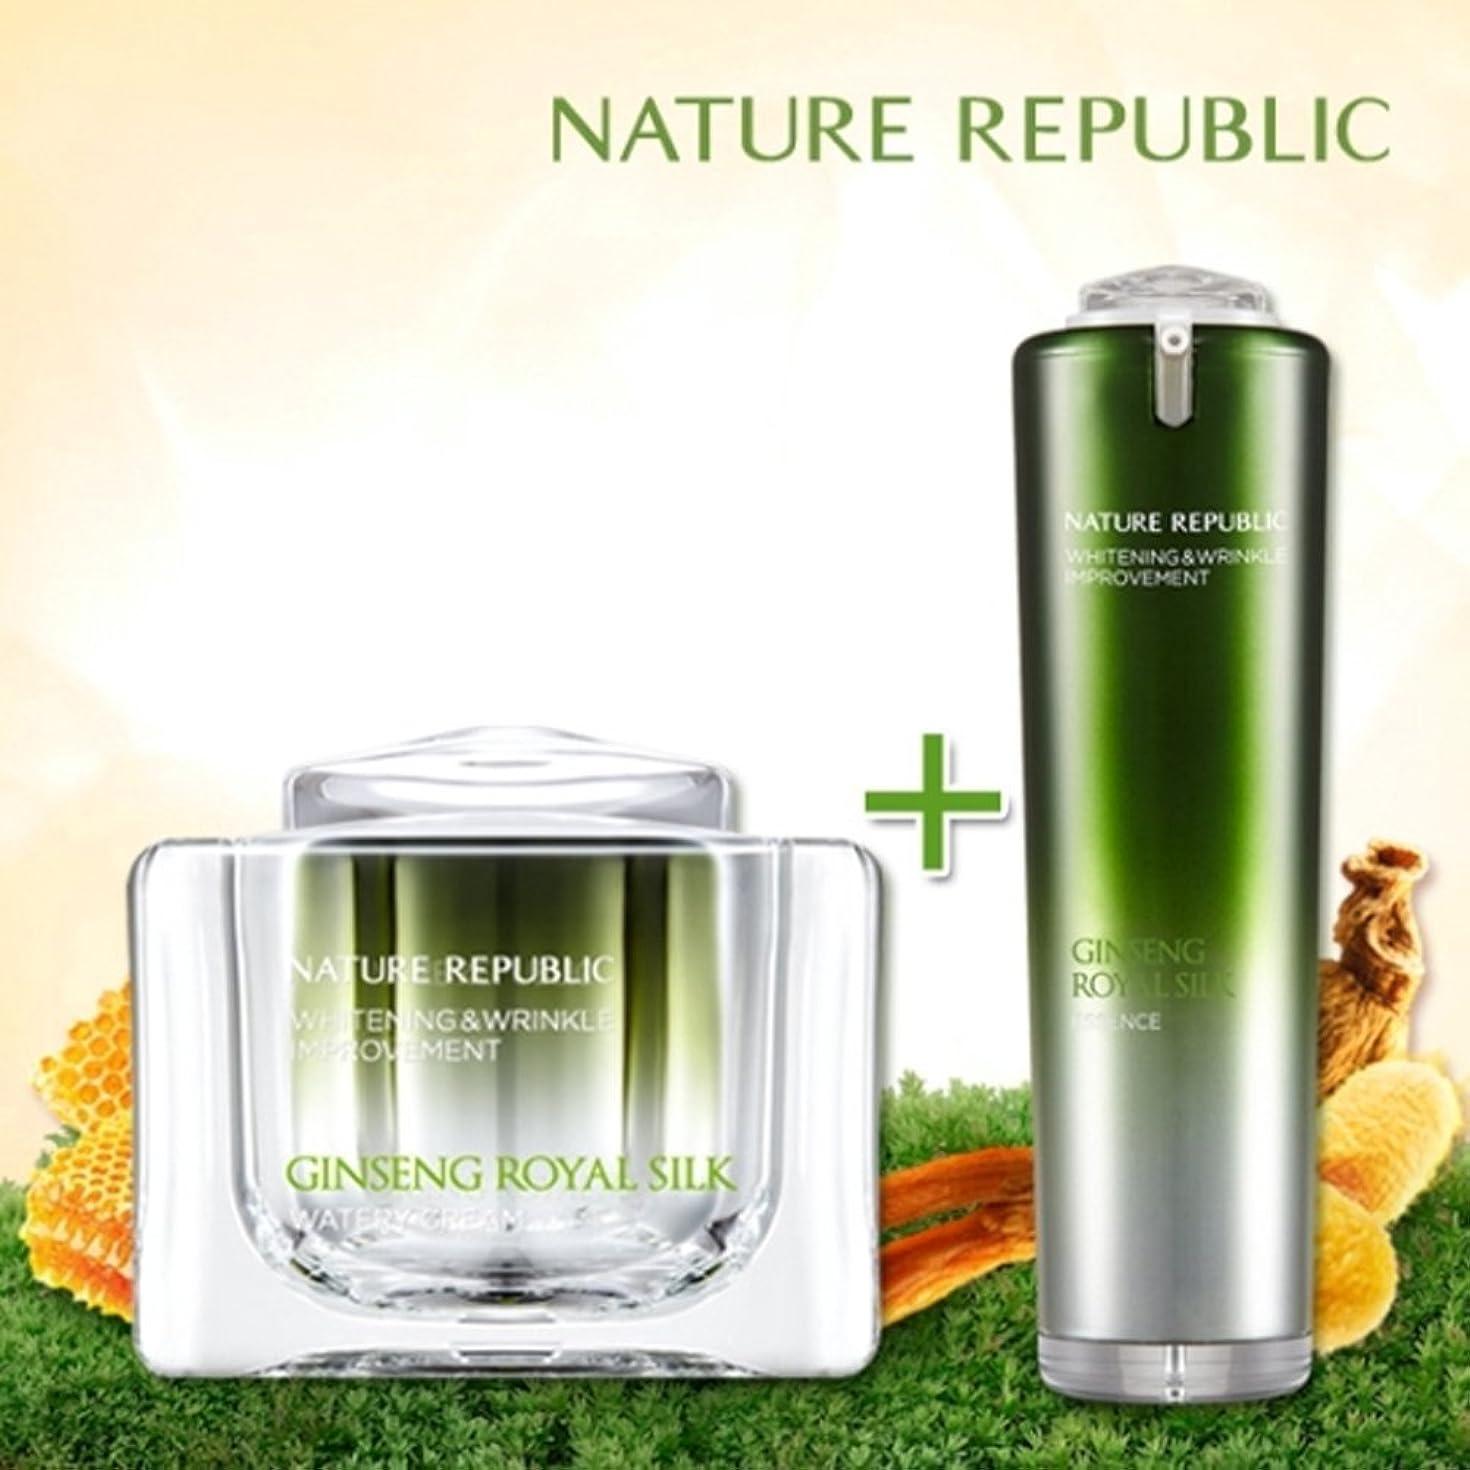 フェッチ弱点明るくするNATURE REPUBLIC/高麗人参ロイヤルシルクウォーターリークリーム+エッセンス Nature Republic、Ginseng Royal silk Watery Cream+Essence(海外直送品)